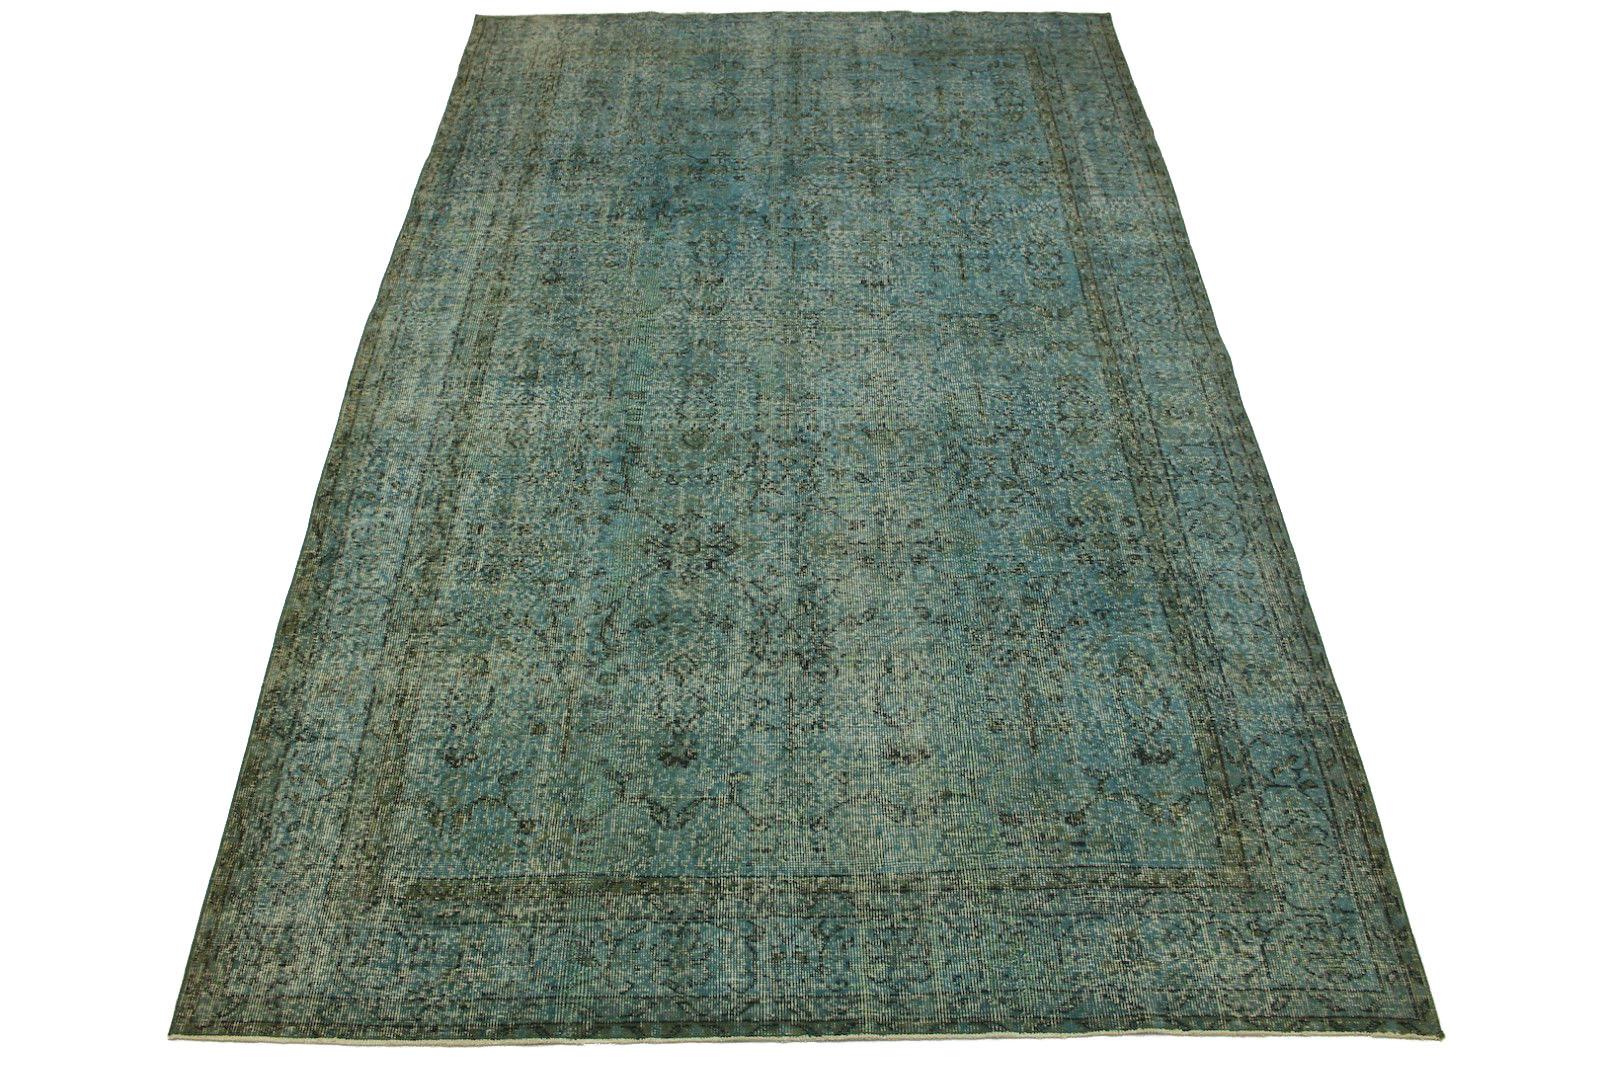 vintage teppich blau grau in 310x200cm 1011 61 bei kaufen. Black Bedroom Furniture Sets. Home Design Ideas